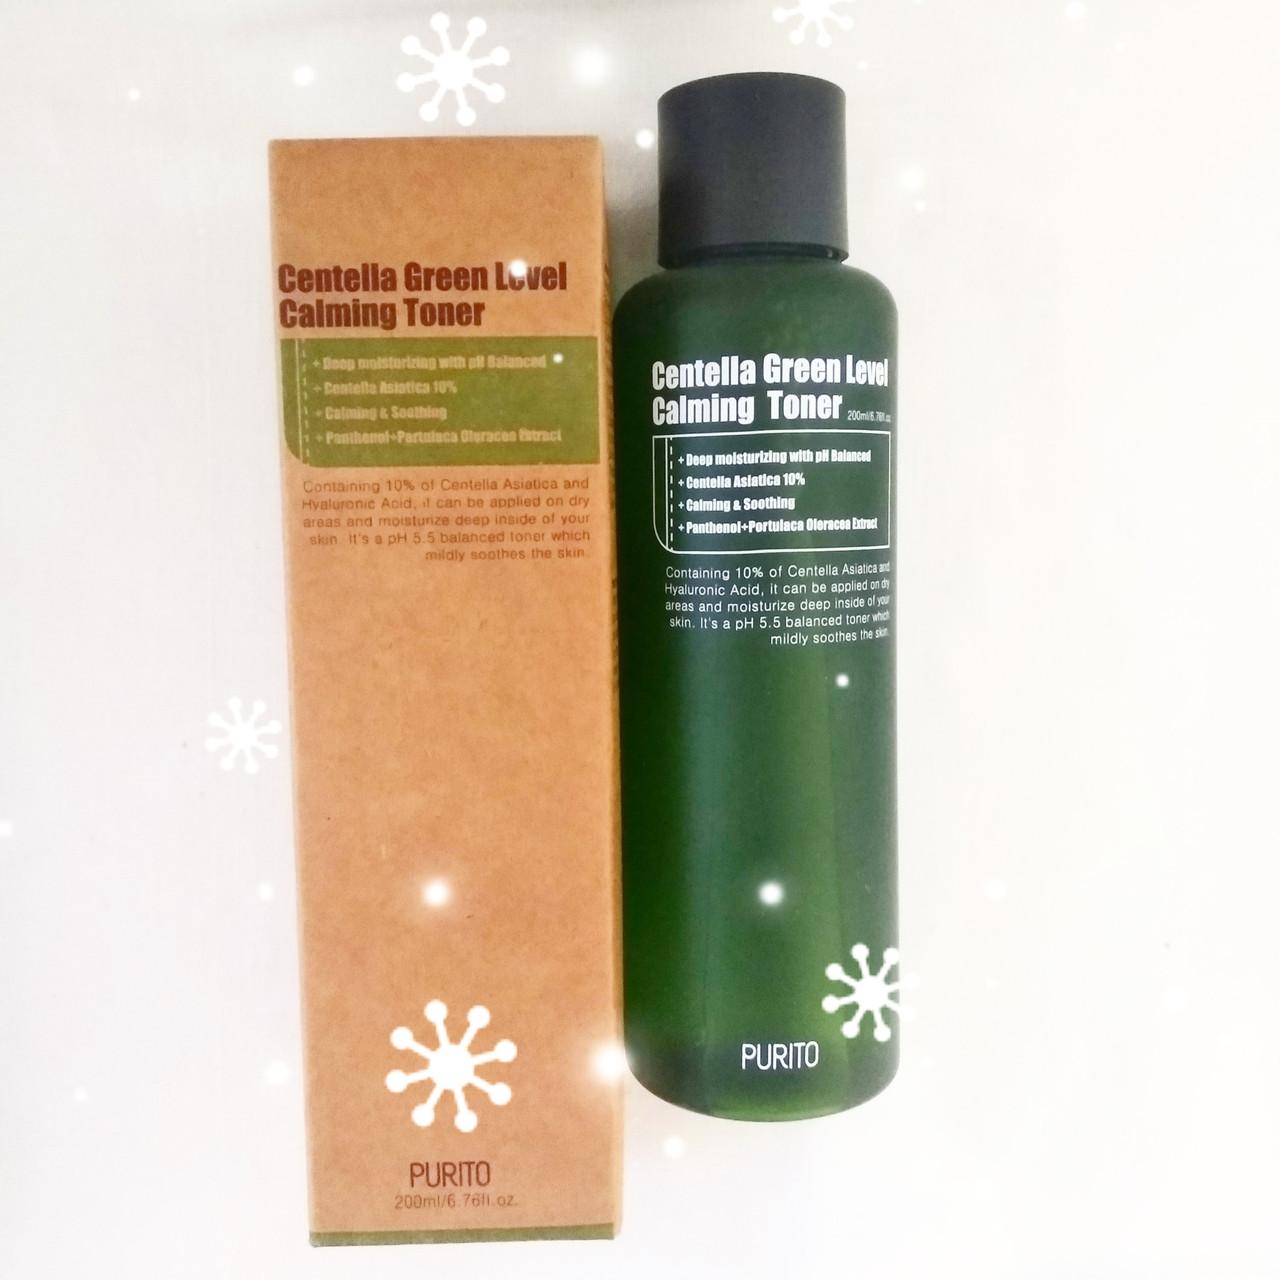 PURITO Centella Green Level Calming Toner Успокаивающий тонер с экстрактом центеллы  200 мл.